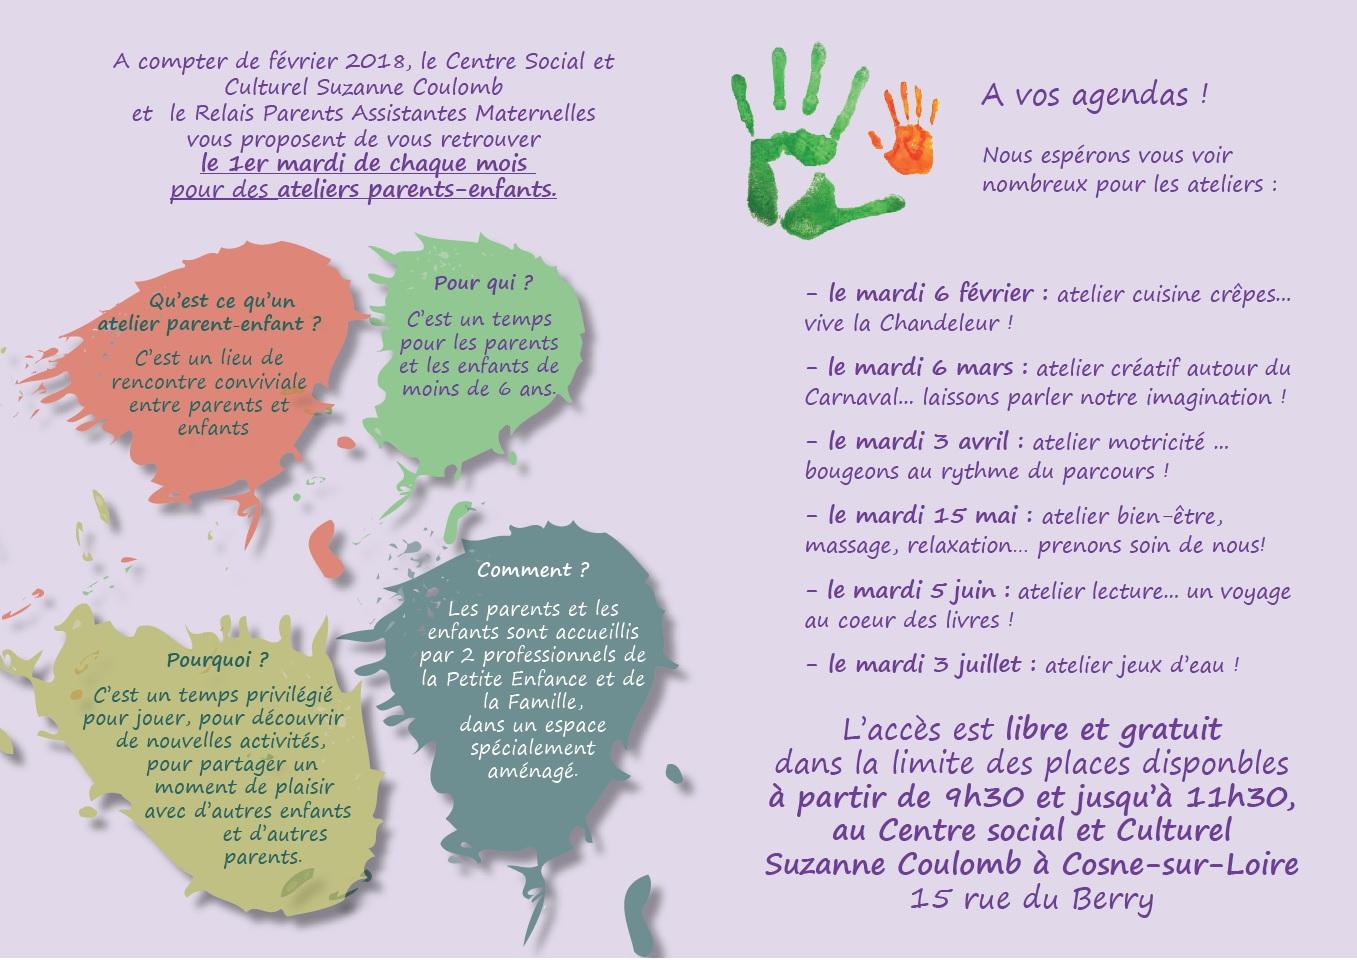 Atelier Parents-Enfants (-6 Ans) : Jeux D'eau - Centre pour Jeux De 6 Ans Gratuit